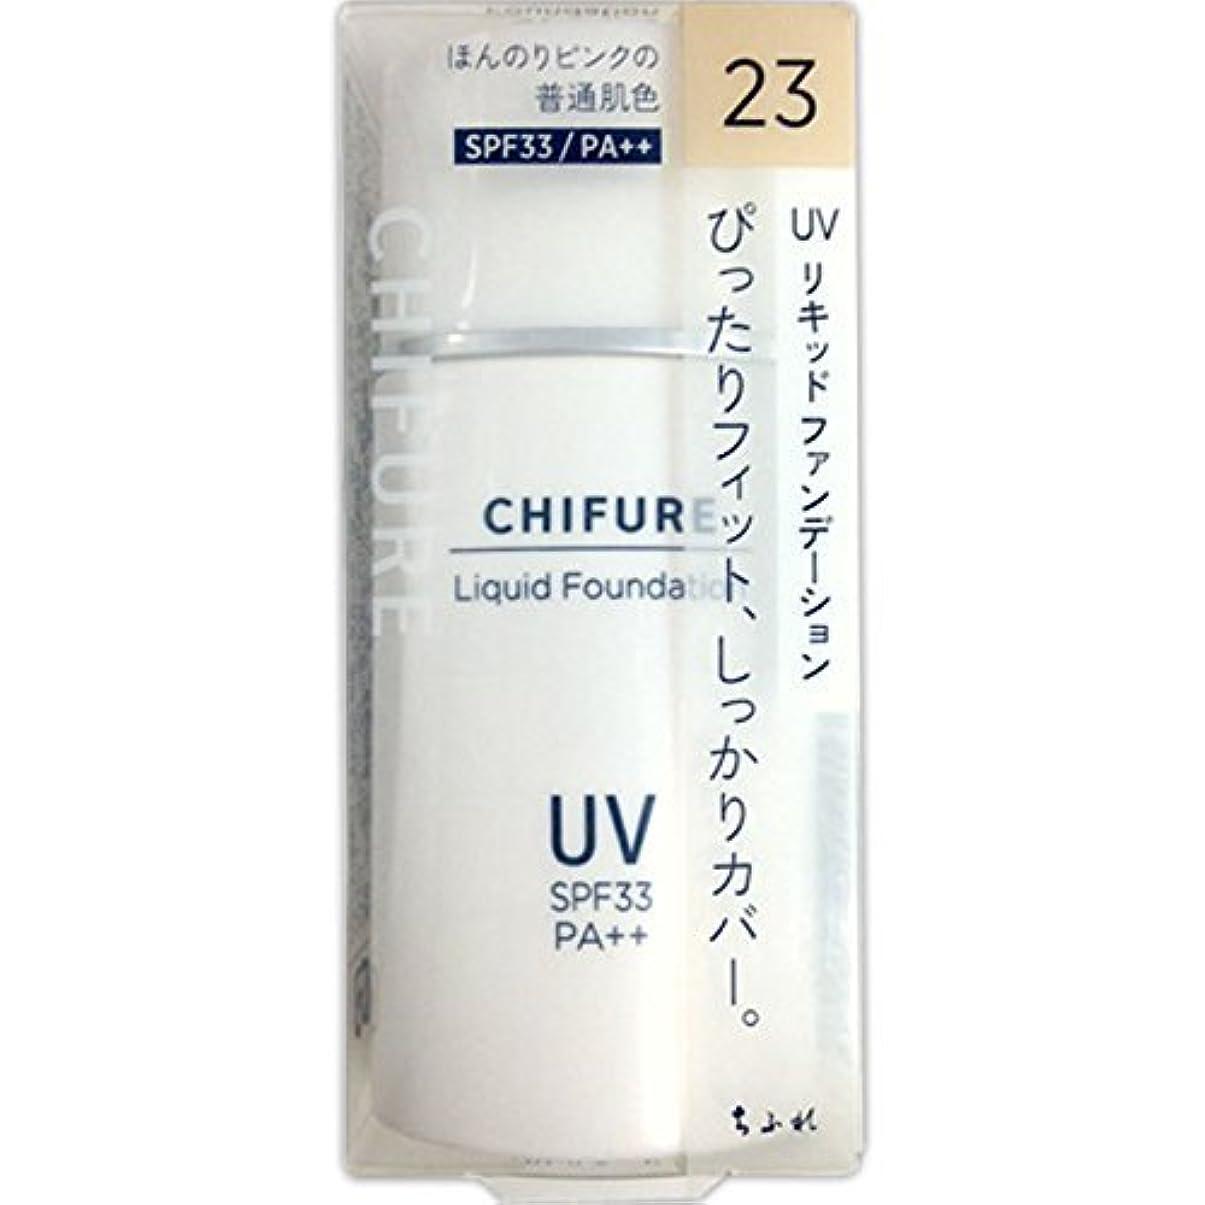 グリースミッション経験ちふれ化粧品 UV リキッド ファンデーション 23 ほんのりピンク普通肌色 30ML